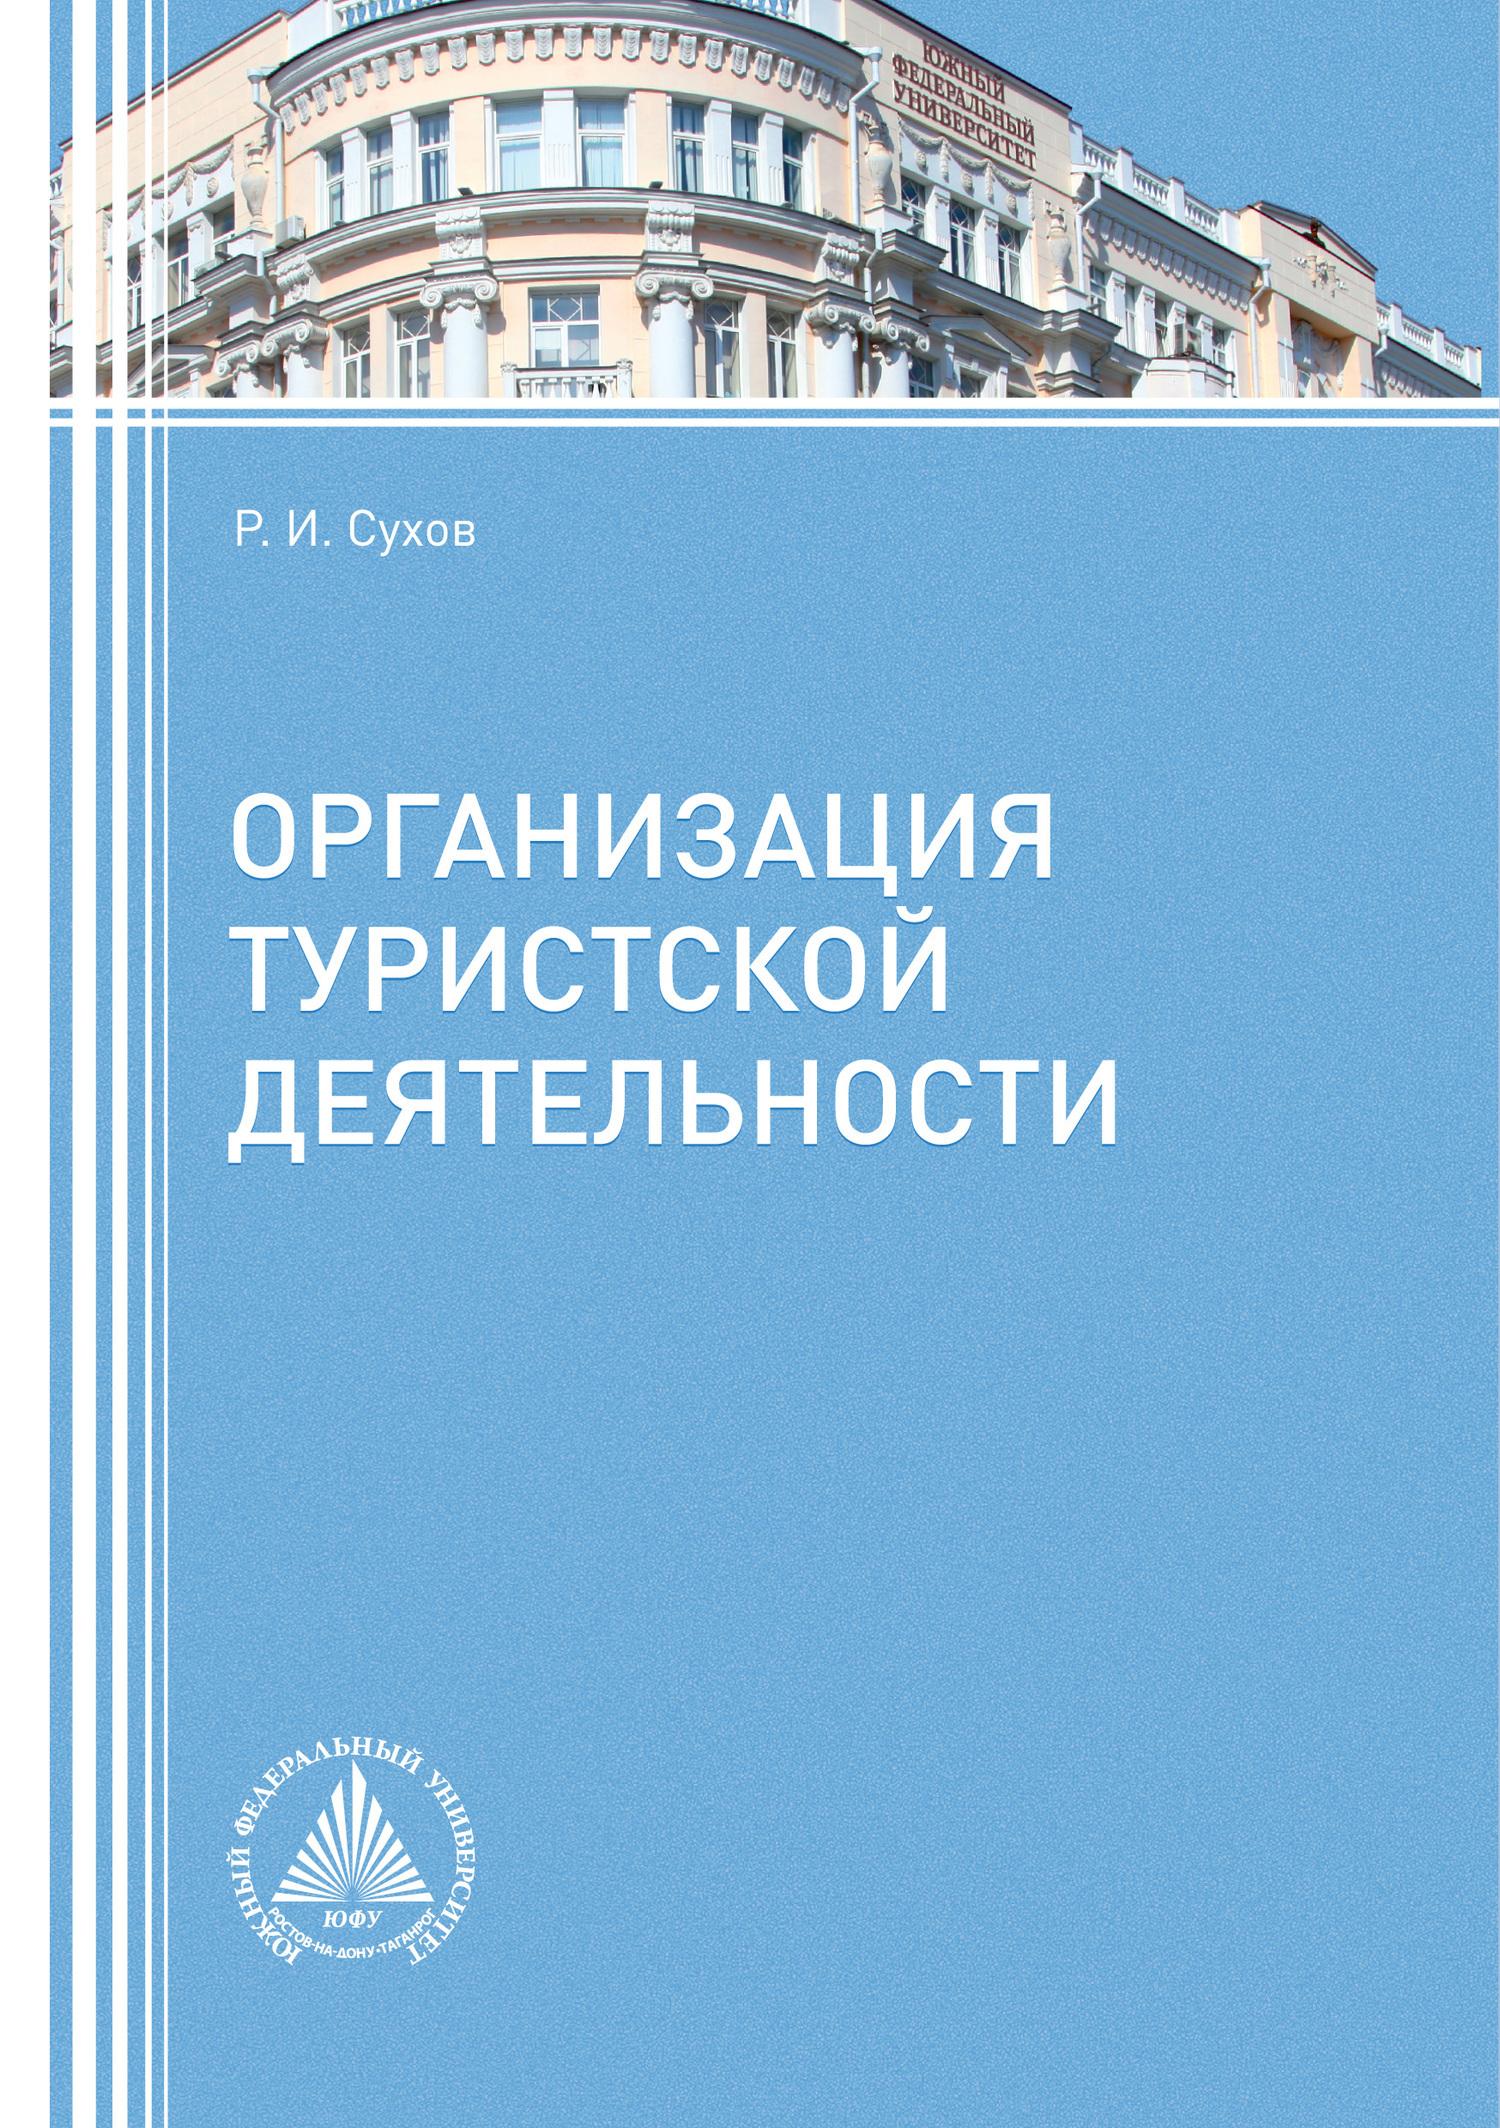 Обложка книги Организация туристской деятельности